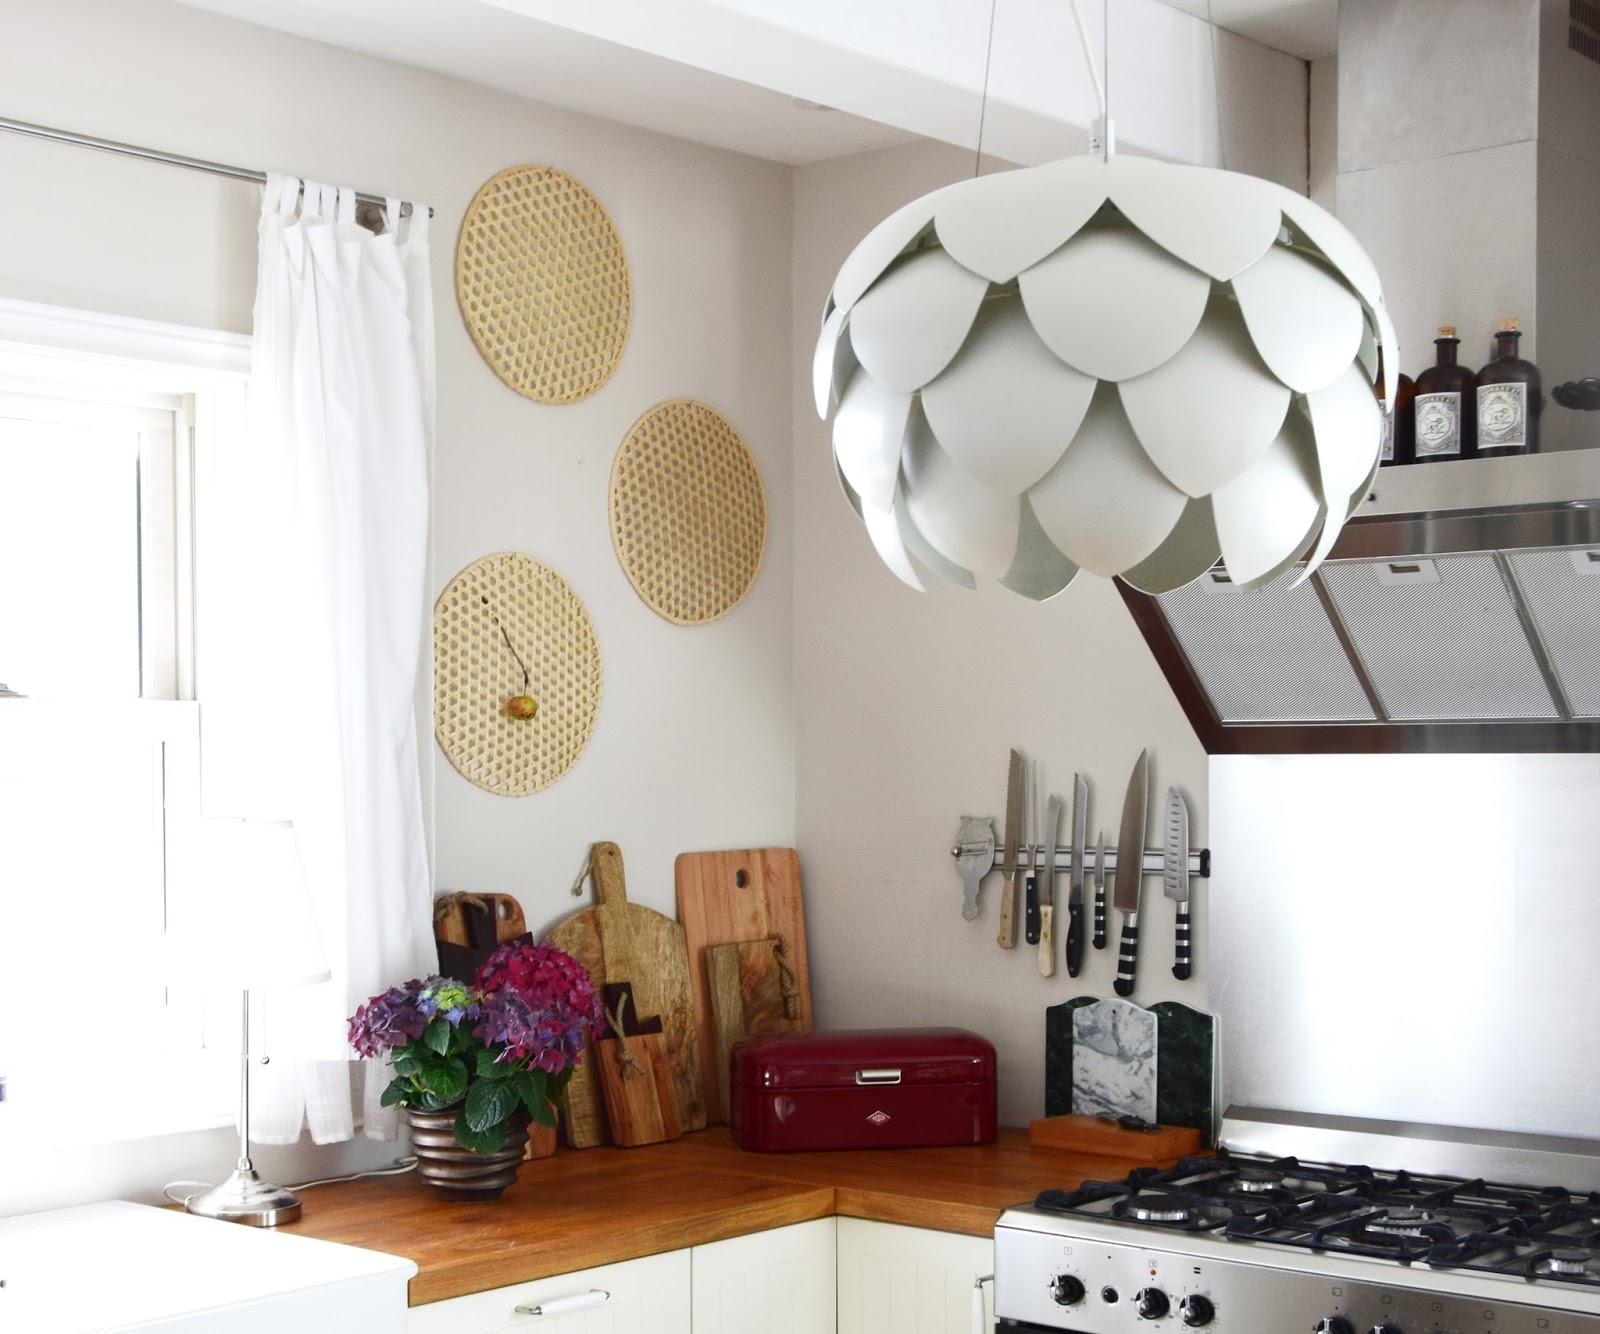 Tisch-Set%2BDeko Erstaunlich Weihnachtsdeko Ideen Für Draußen Dekorationen